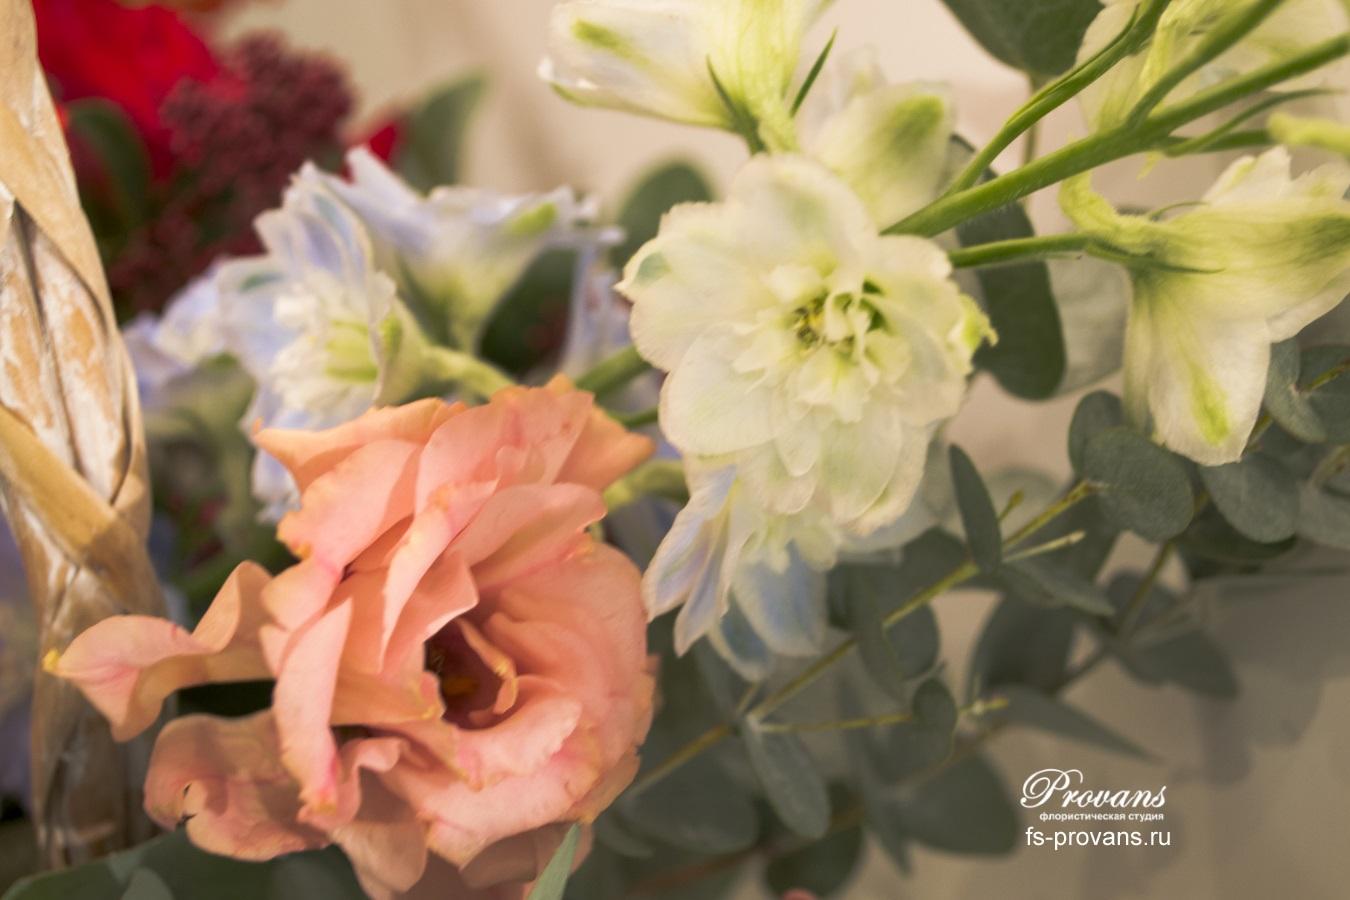 Корзина с цветами. Лютики, нарциссы, анемоны, розы, тюльпаны, дельфиниум